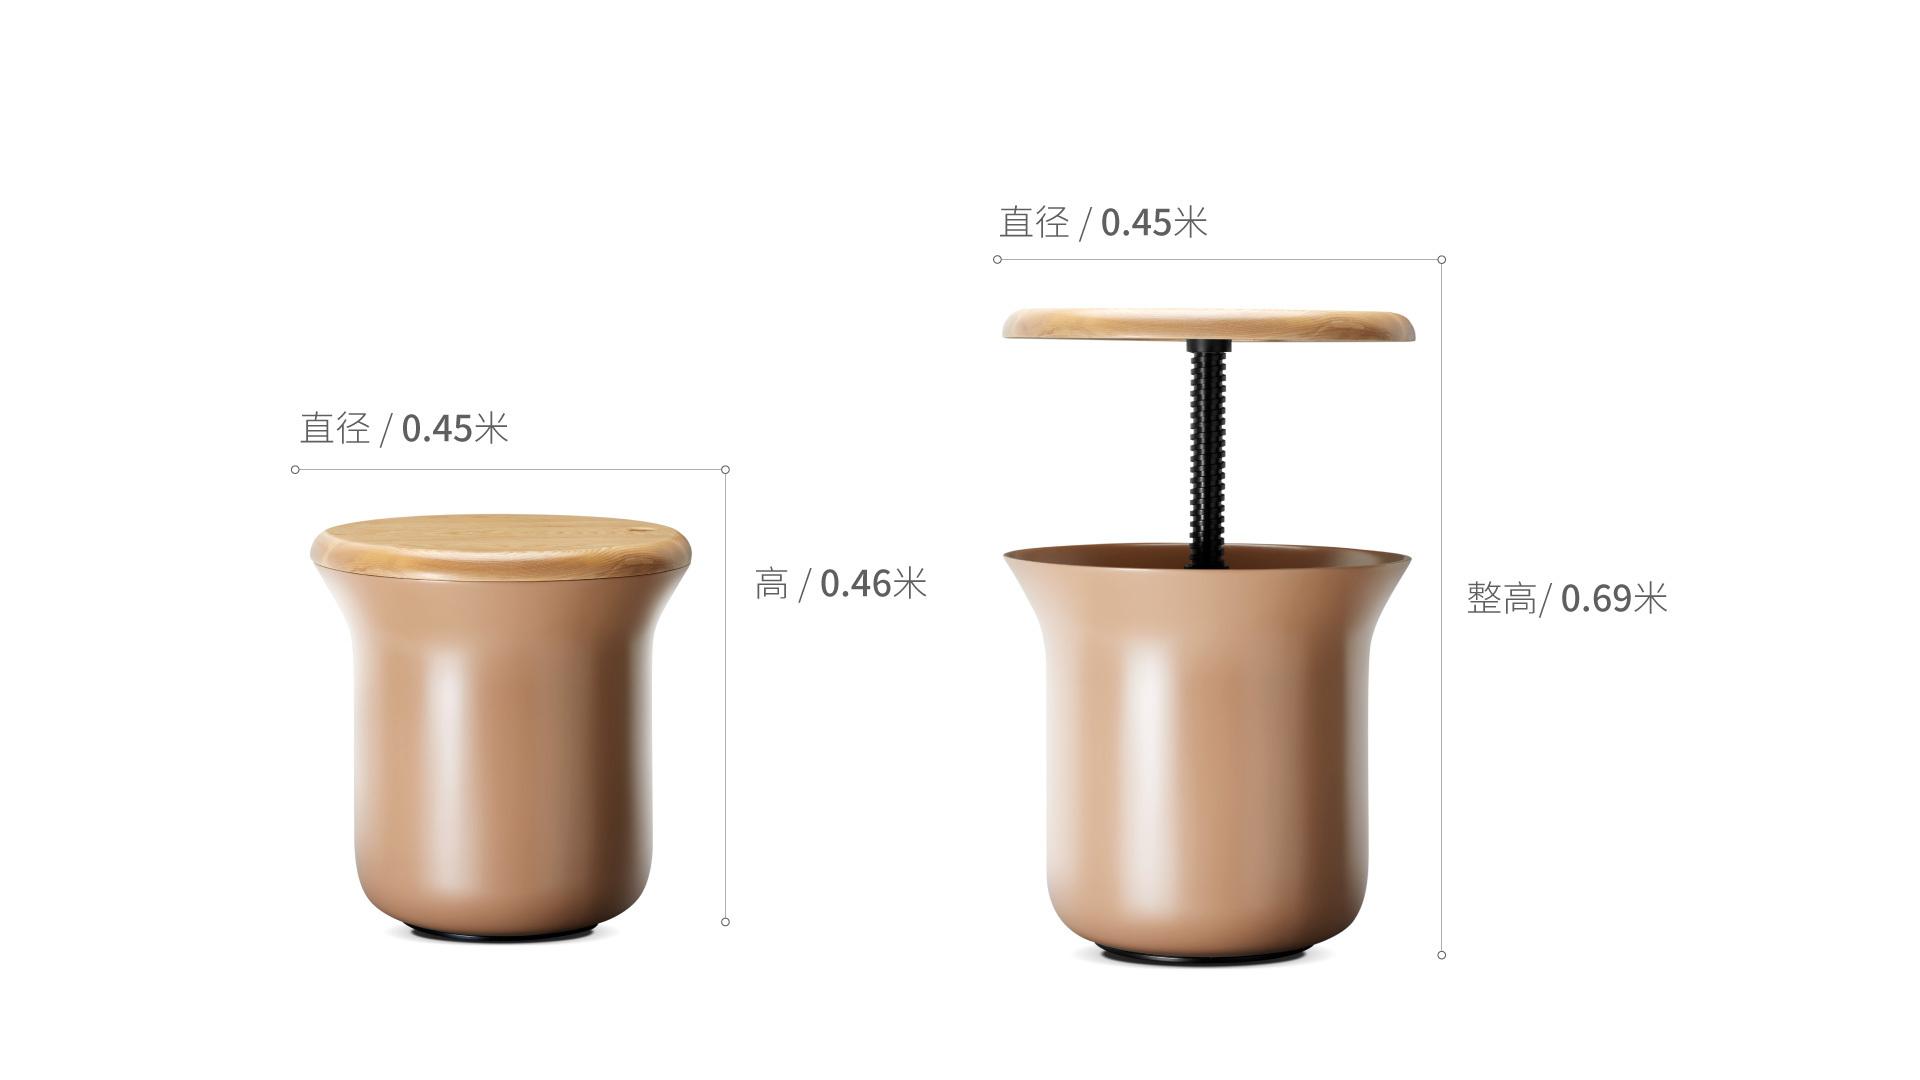 旋木多用小凳柜架效果图